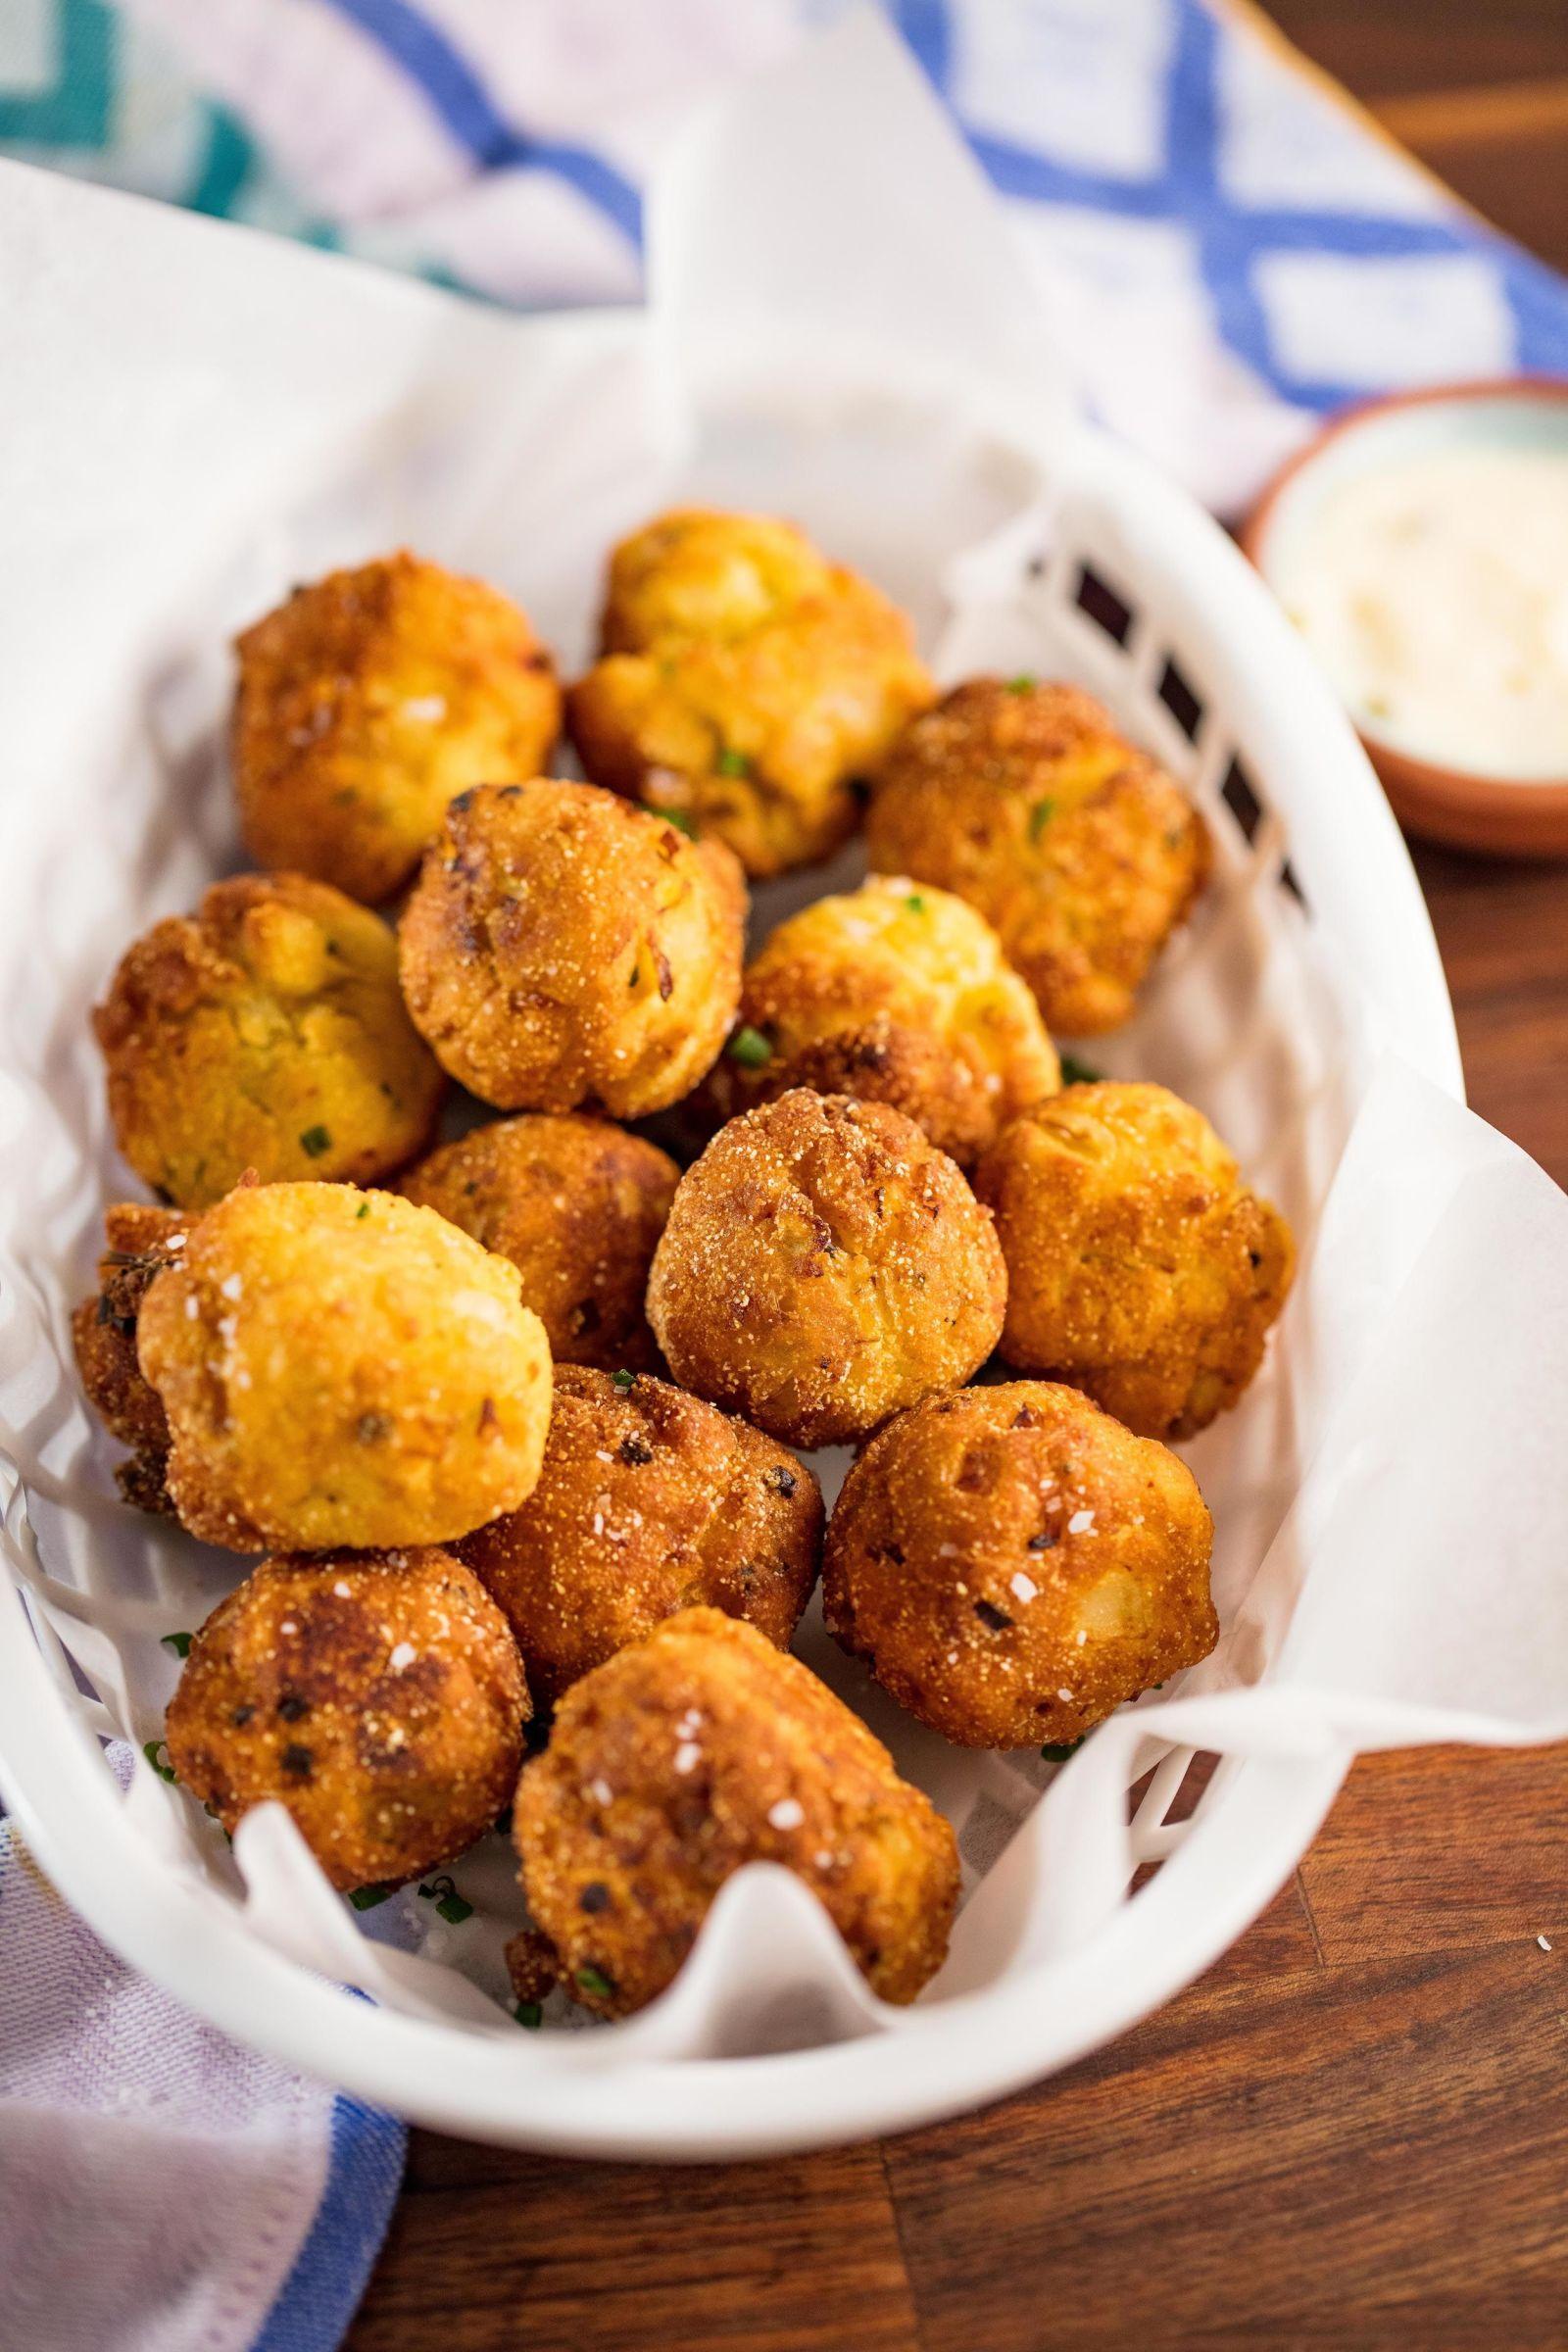 Hush Puppies Recipe Food, Food recipes, Cooking recipes